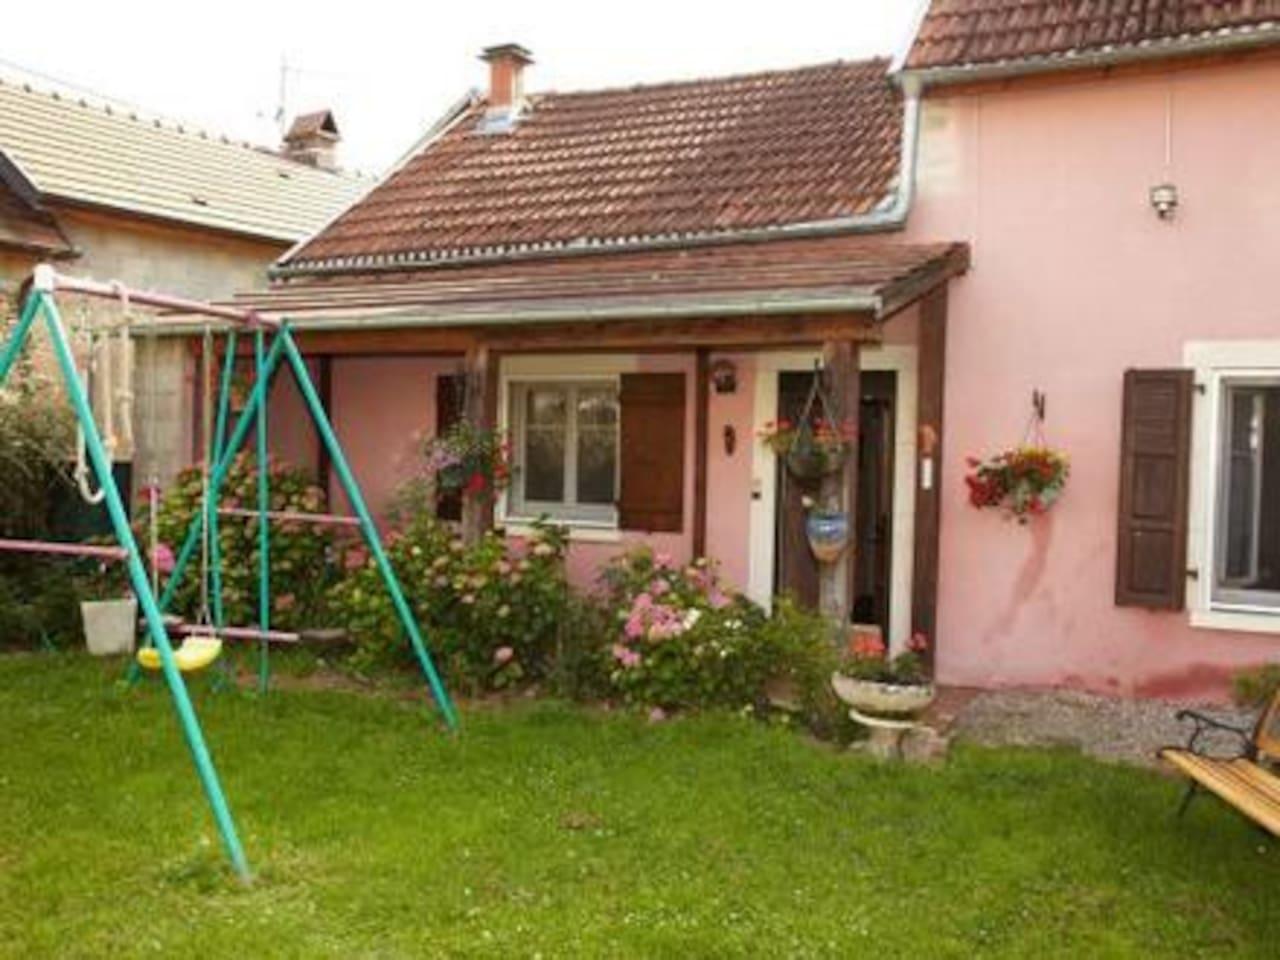 pelouse fleurie,entrée de la maison,terrasse couverte